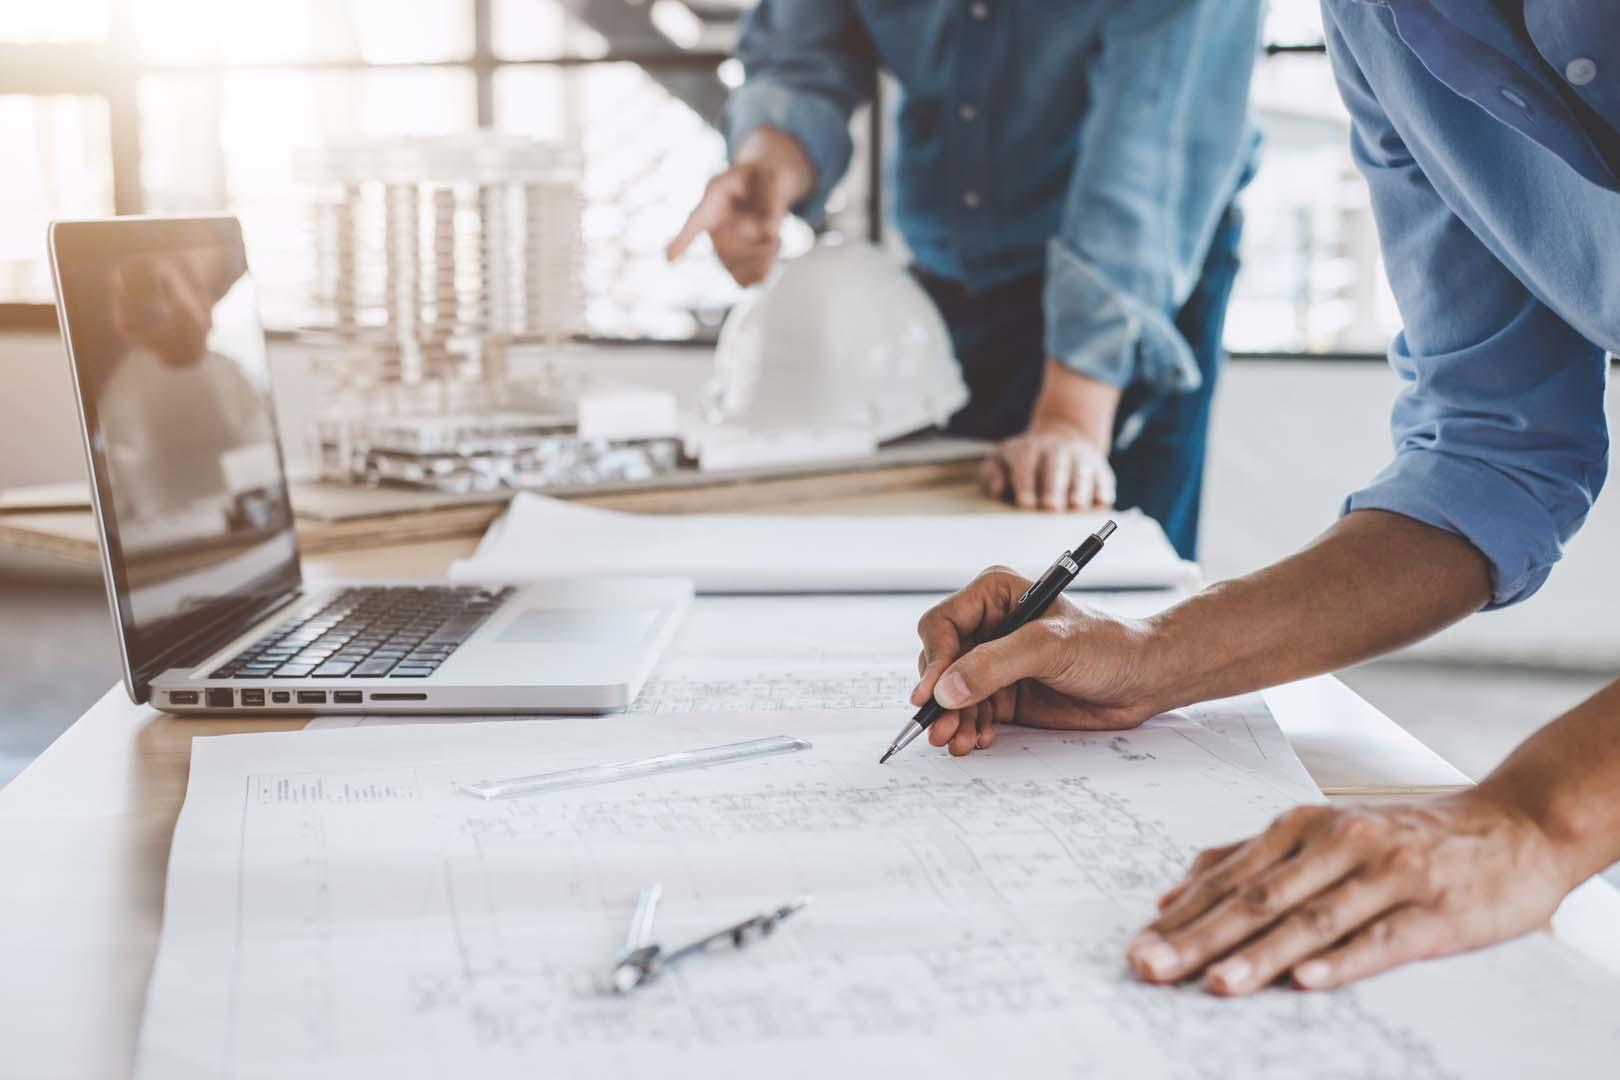 Besprechung einer technischen Planung mit Plänen